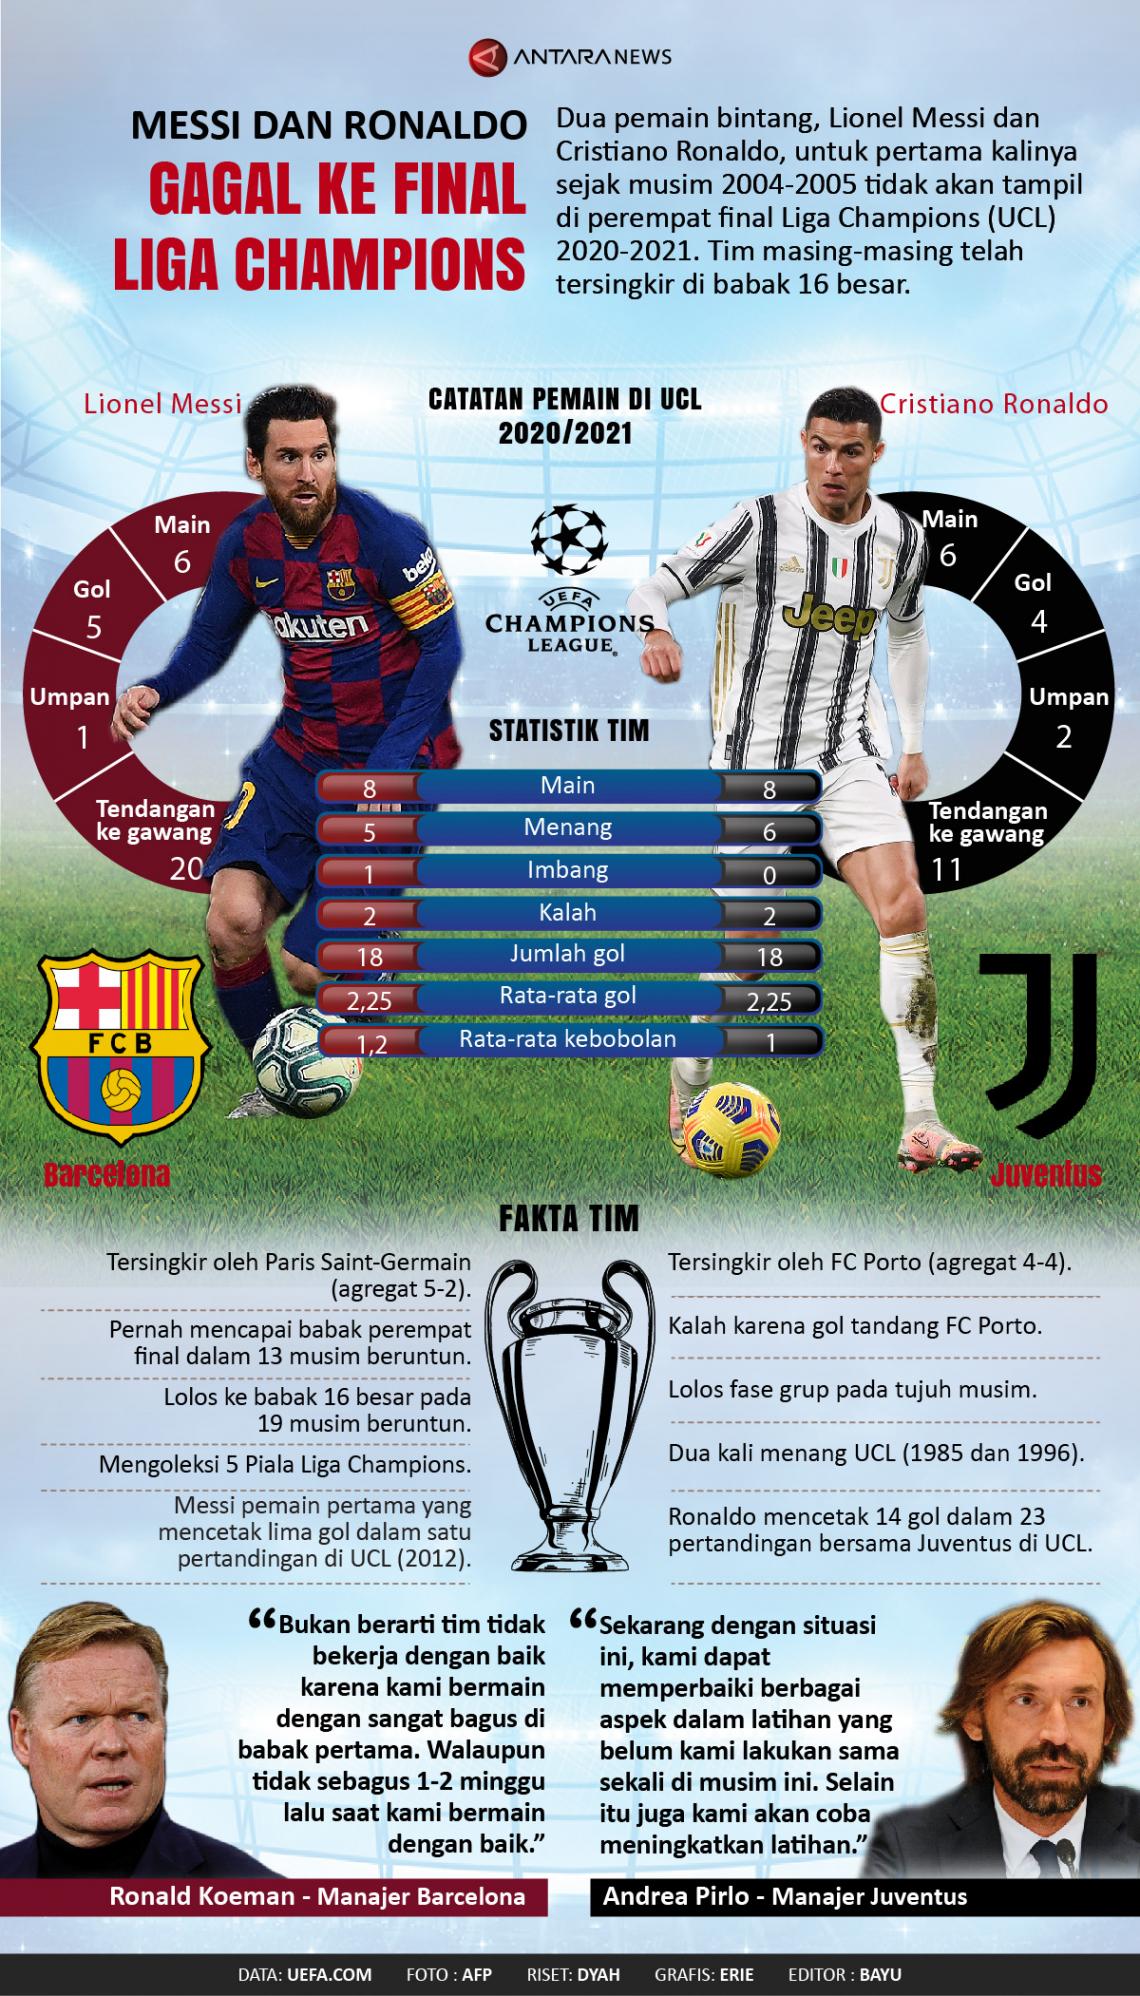 Messi dan Ronaldo gagal ke final Liga Champions